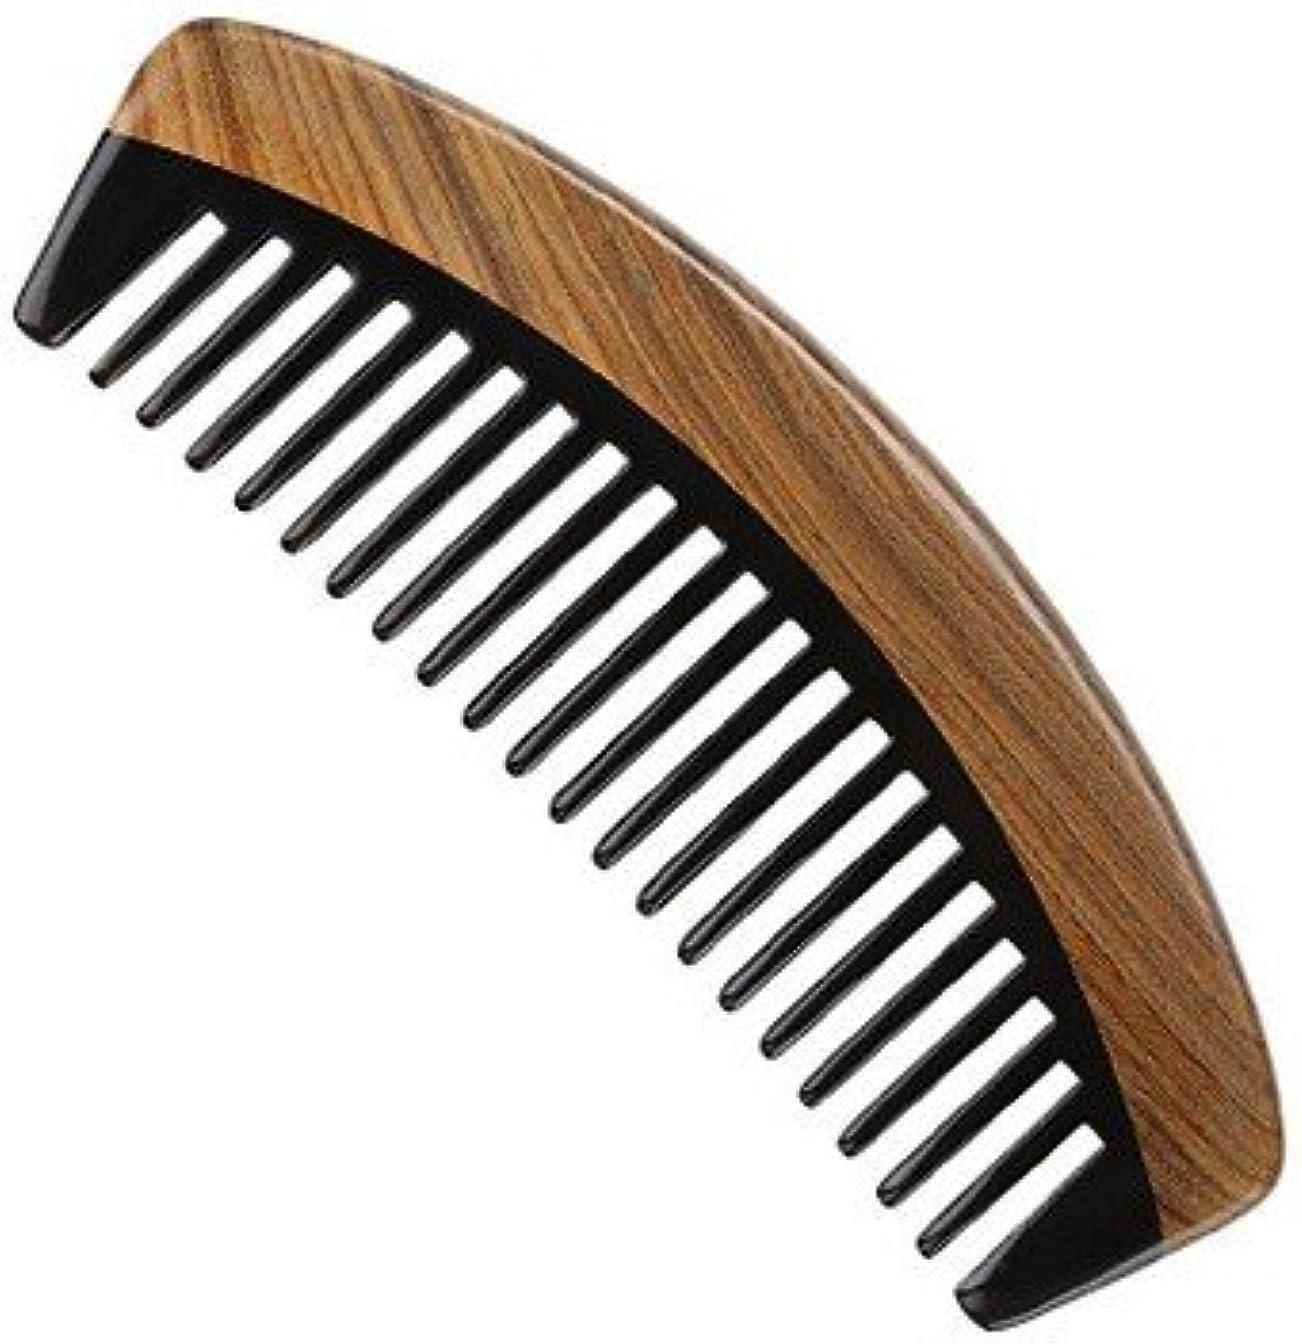 ミリメートルガイダンス混雑Myhsmooth G7BBYMT 高級牛角櫛 ヘアコーム 中歯 巻き毛の毛のために 天然素材 静電気防止 頭皮マッサージ(中歯*緑檀+牛の角)